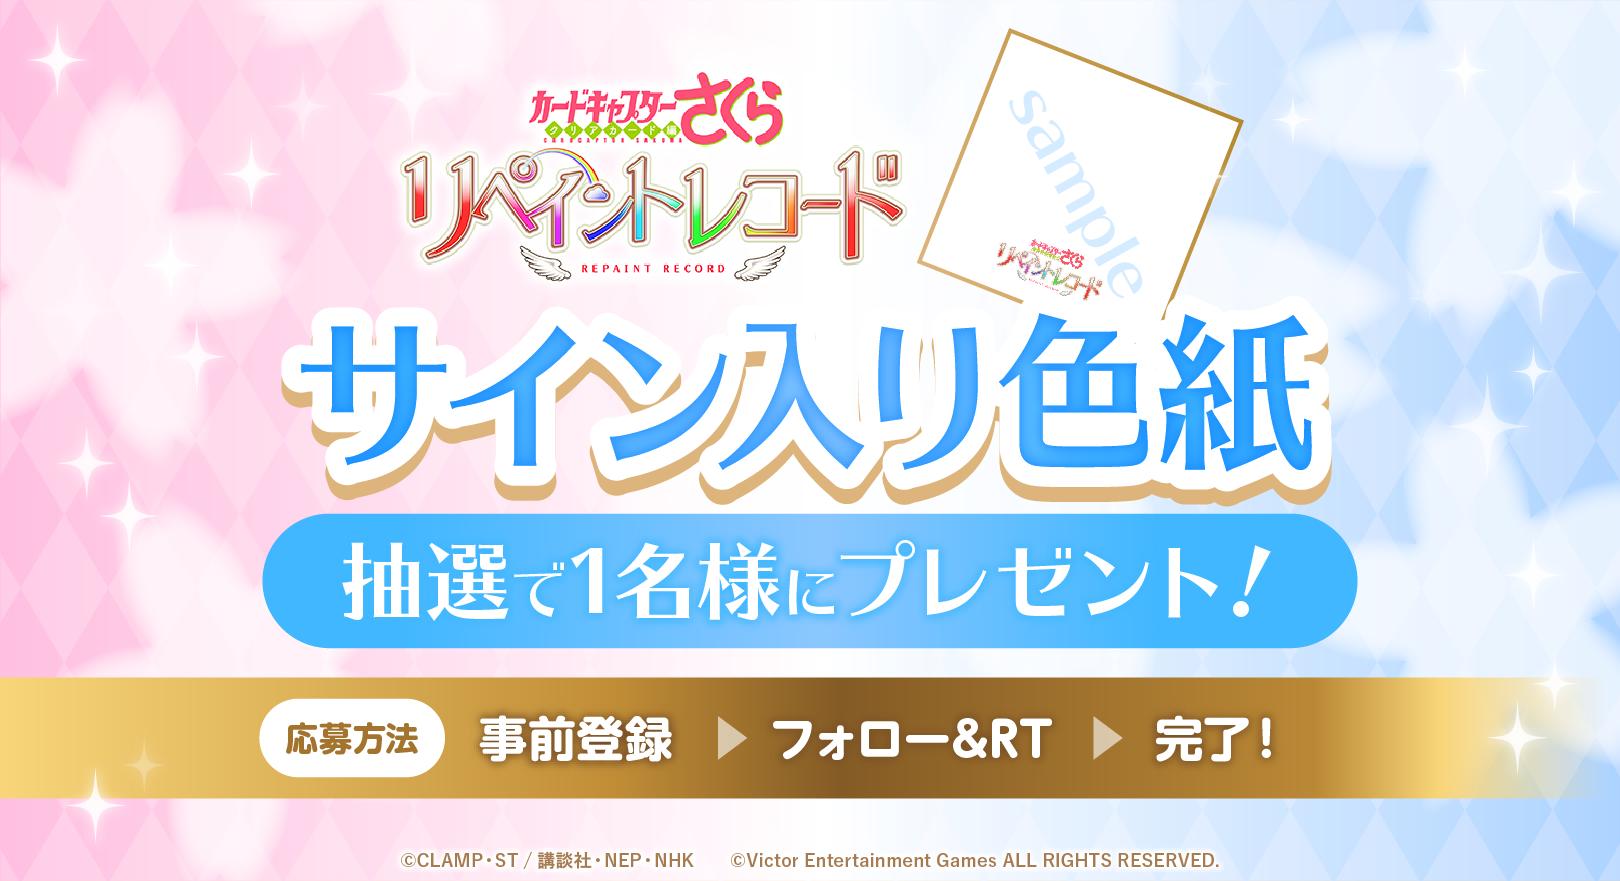 色紙プレゼントキャンペーン!